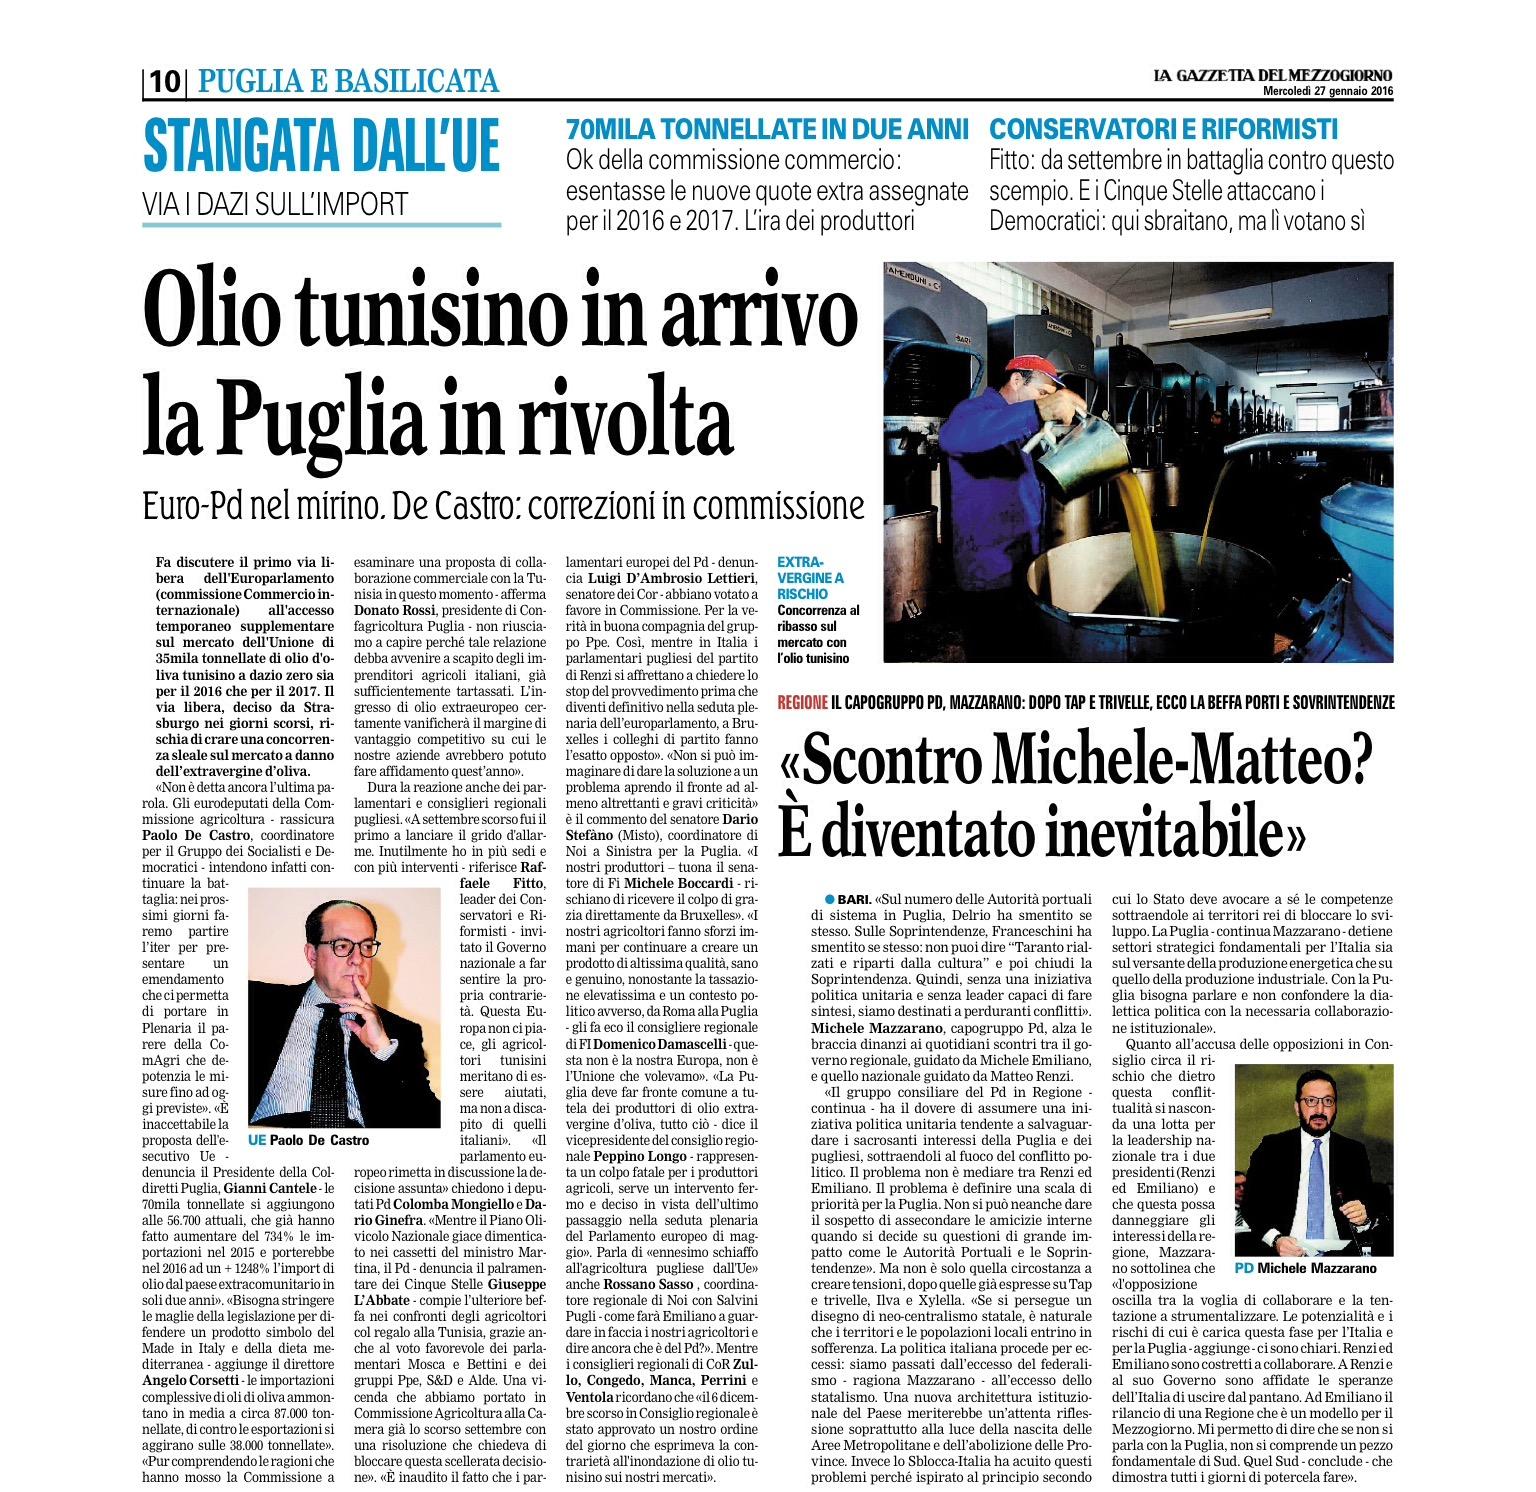 La Gazzetta del Mezzogiorno - 27.01.2016